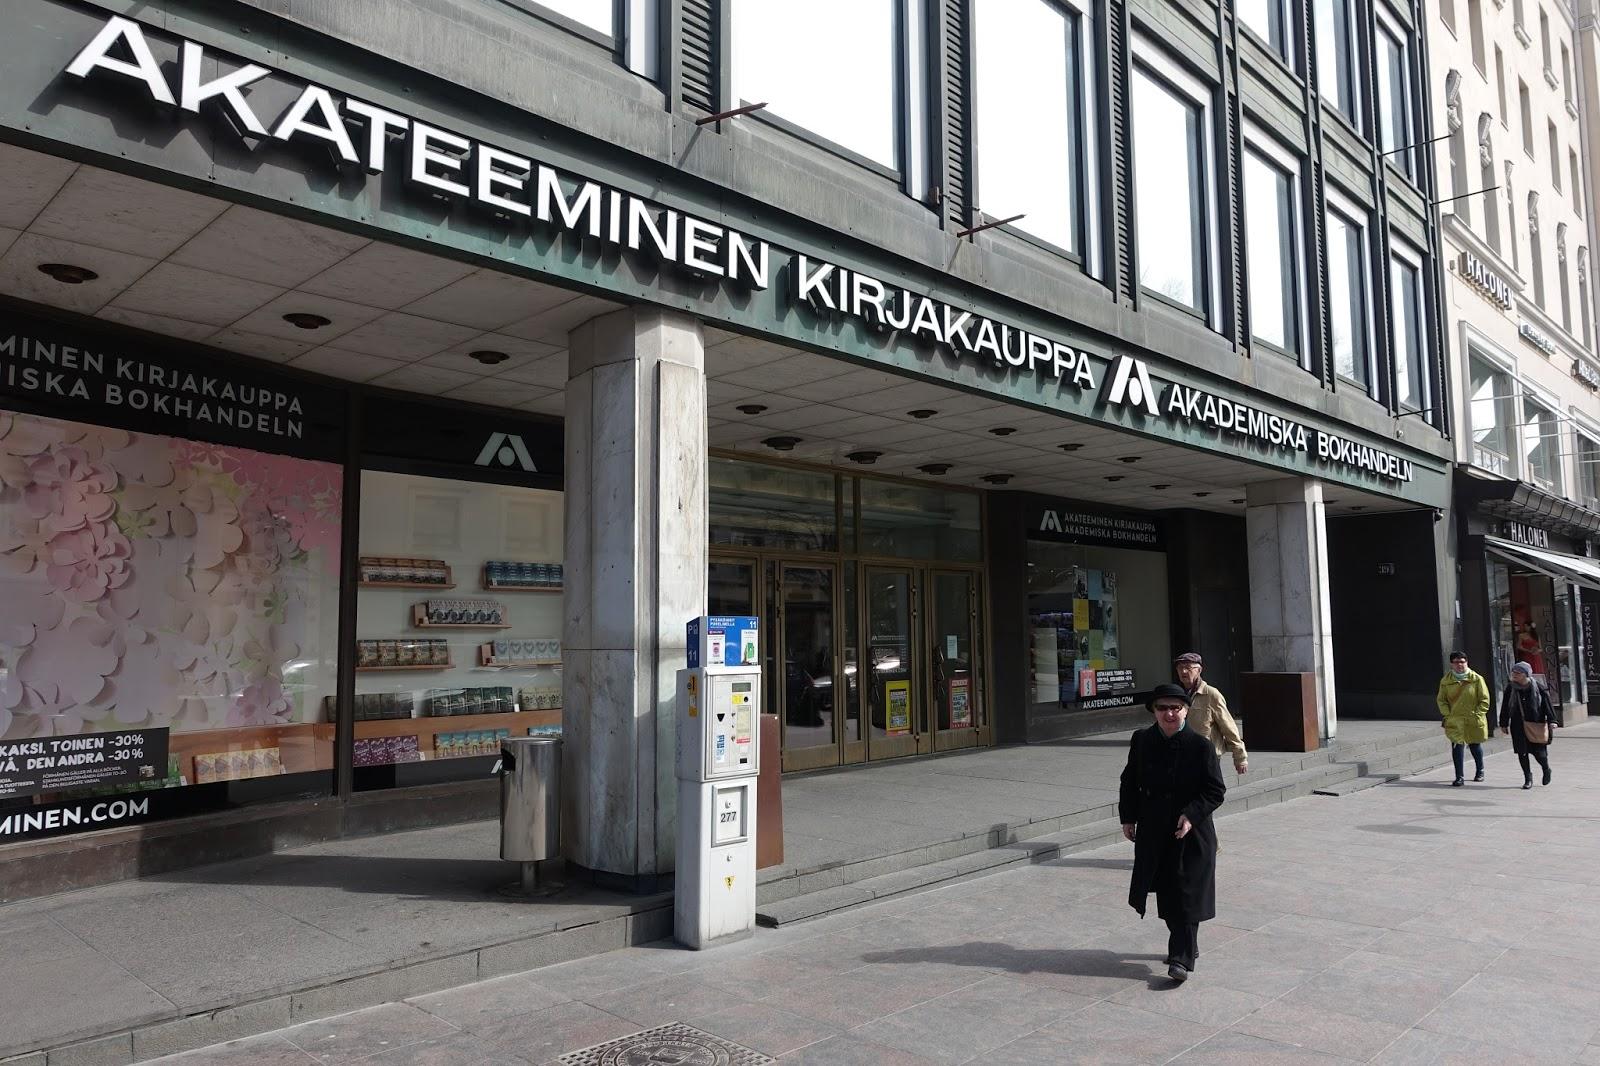 アカデミア書店(Akateeminen Kirjakauppa) 書店入口